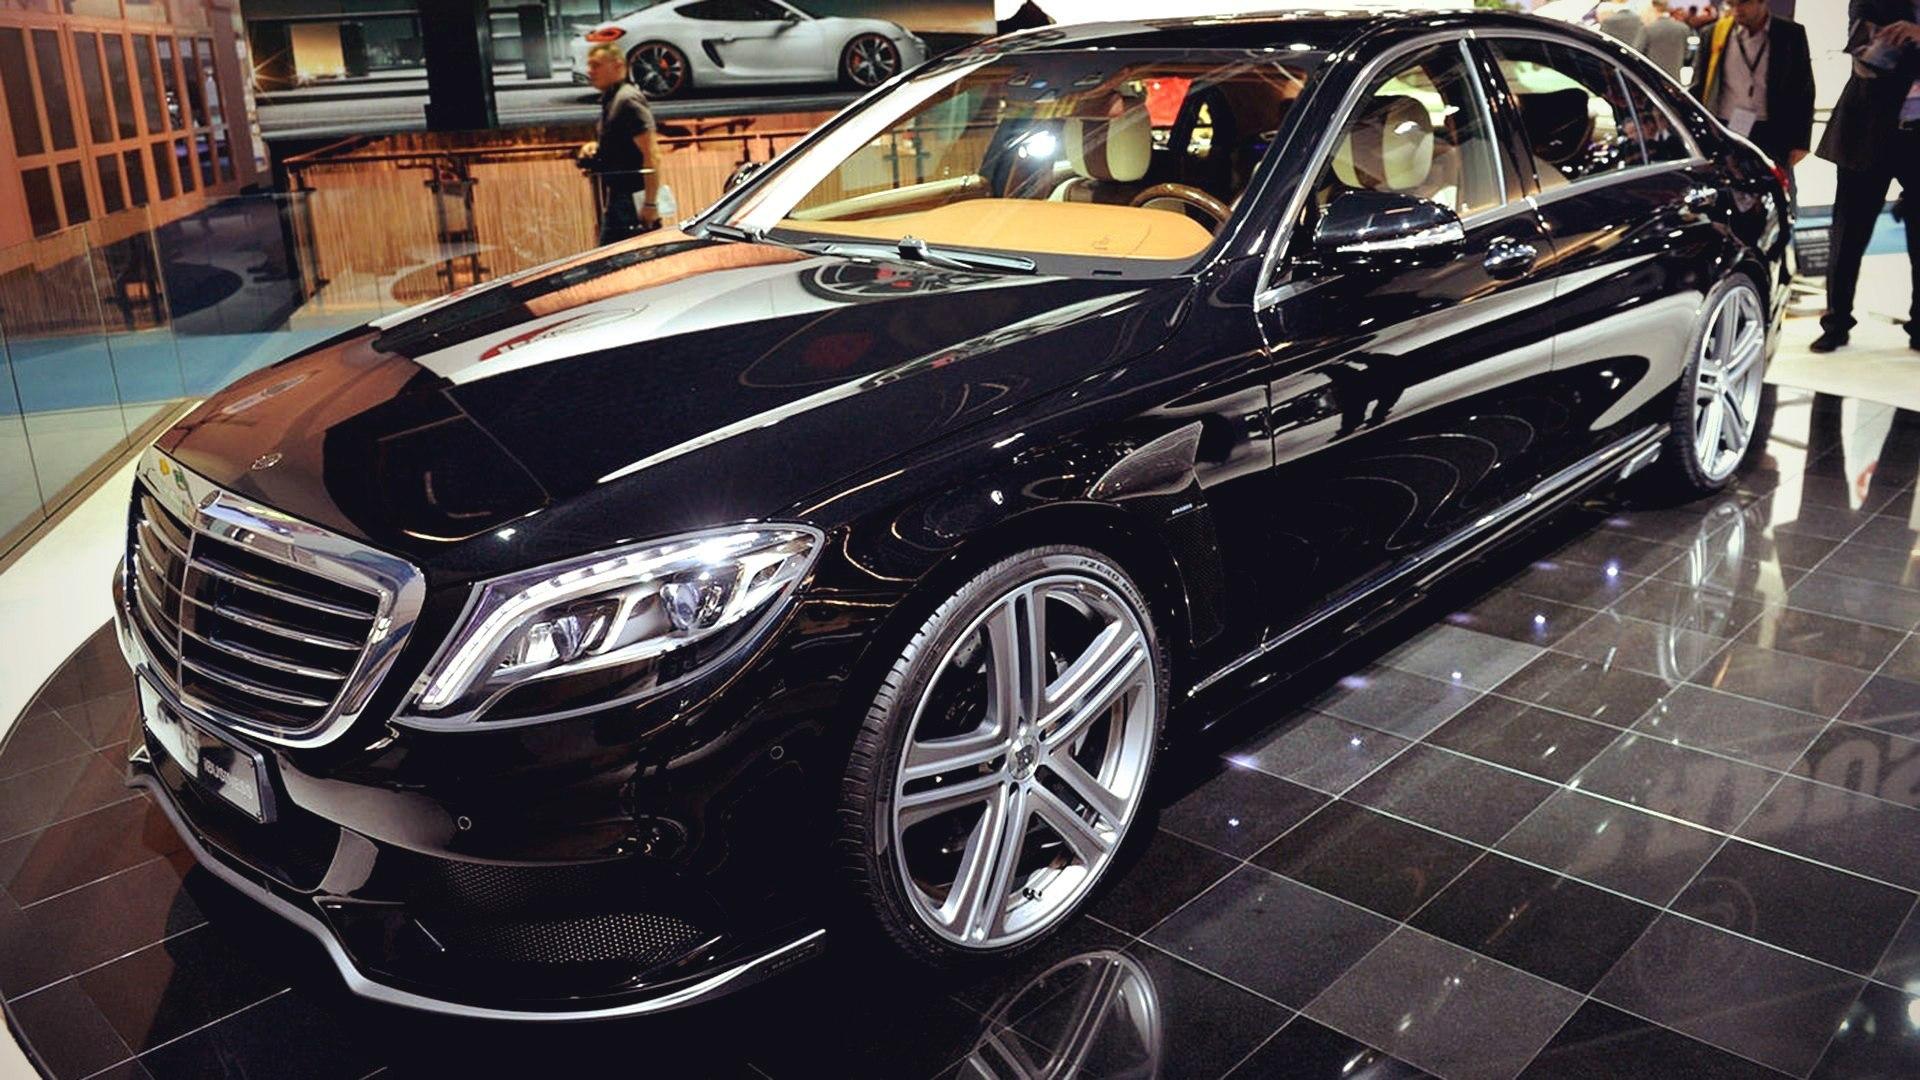 49581 скачать обои Транспорт, Машины, Мерседес (Mercedes) - заставки и картинки бесплатно